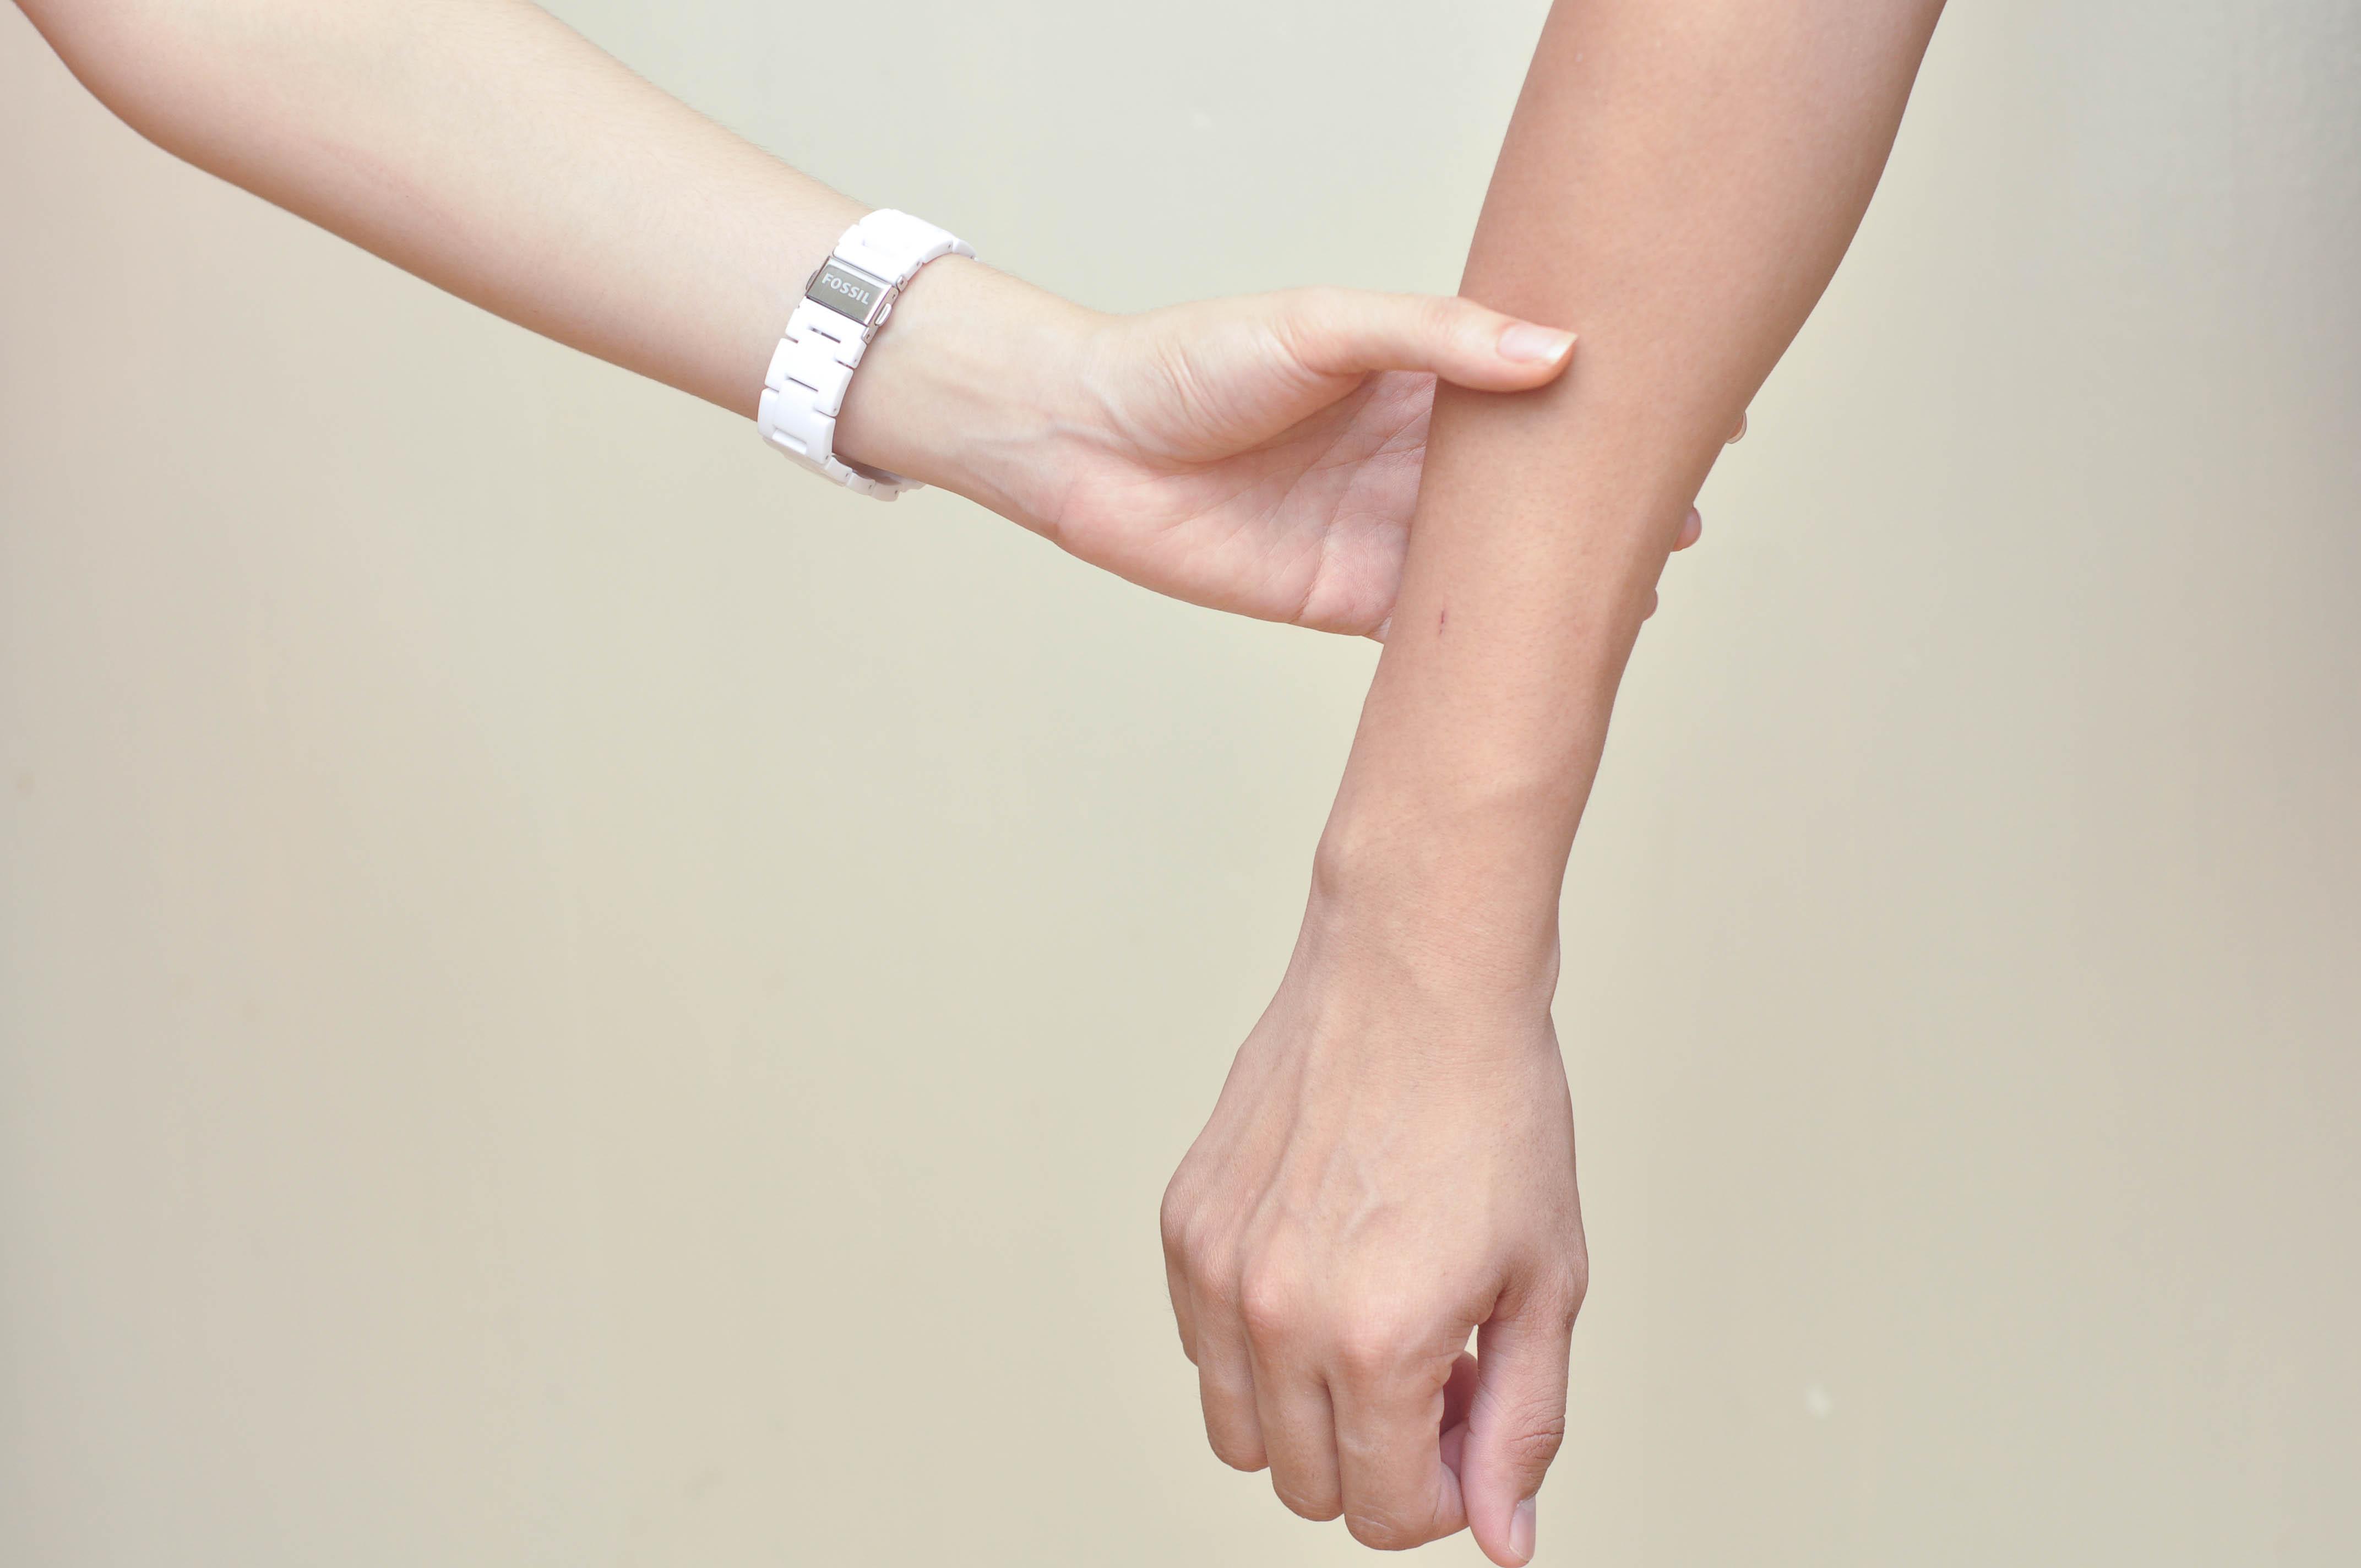 Oferiți-vă reciproc suport și înțelegere